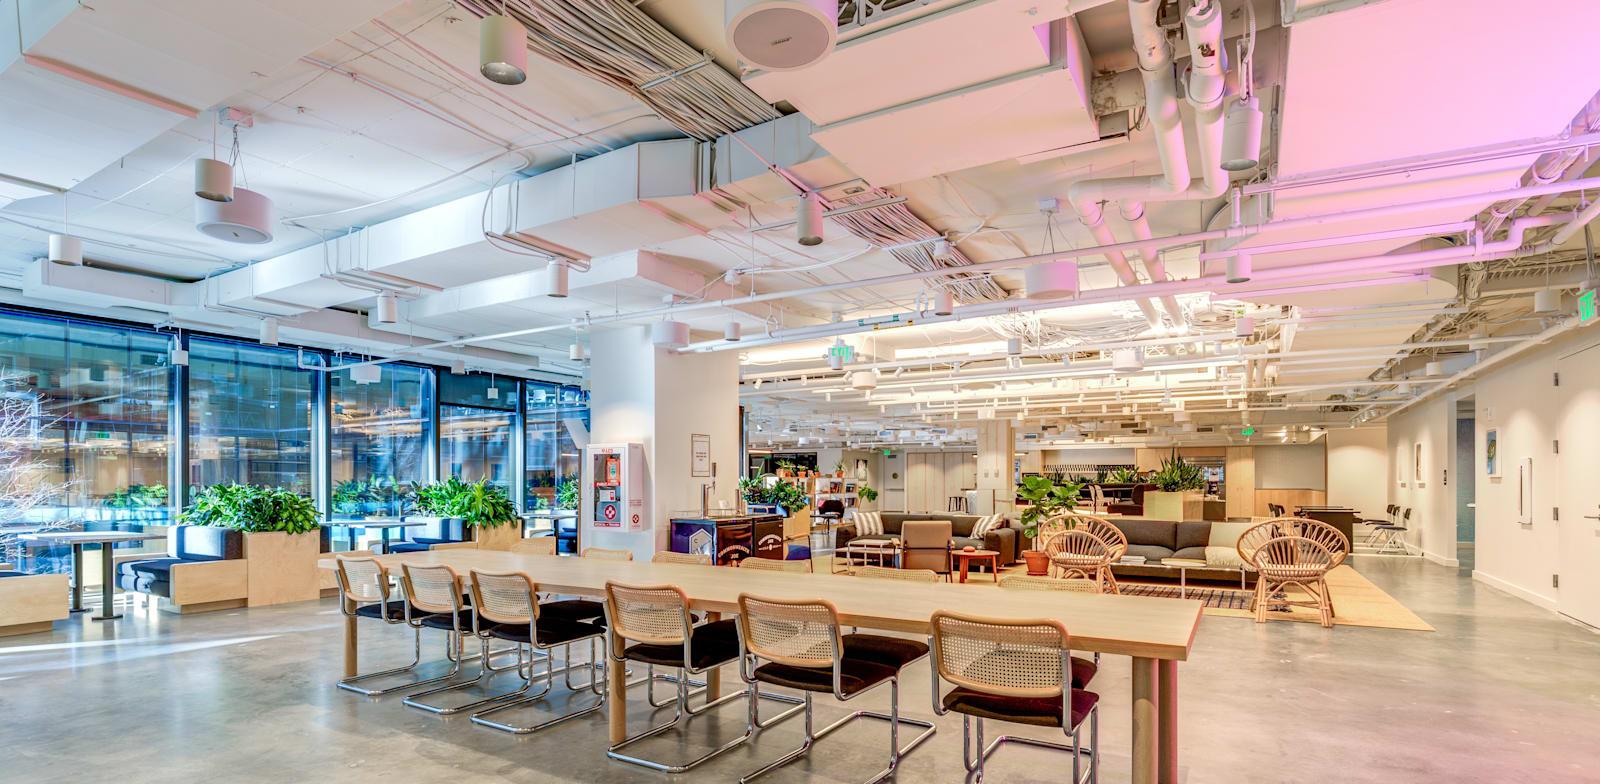 משרד של Wework בוושינגטון הבירה. האנליסטים צופים עלייה בשימוש בחללים גמישים / צילום: Shutterstock